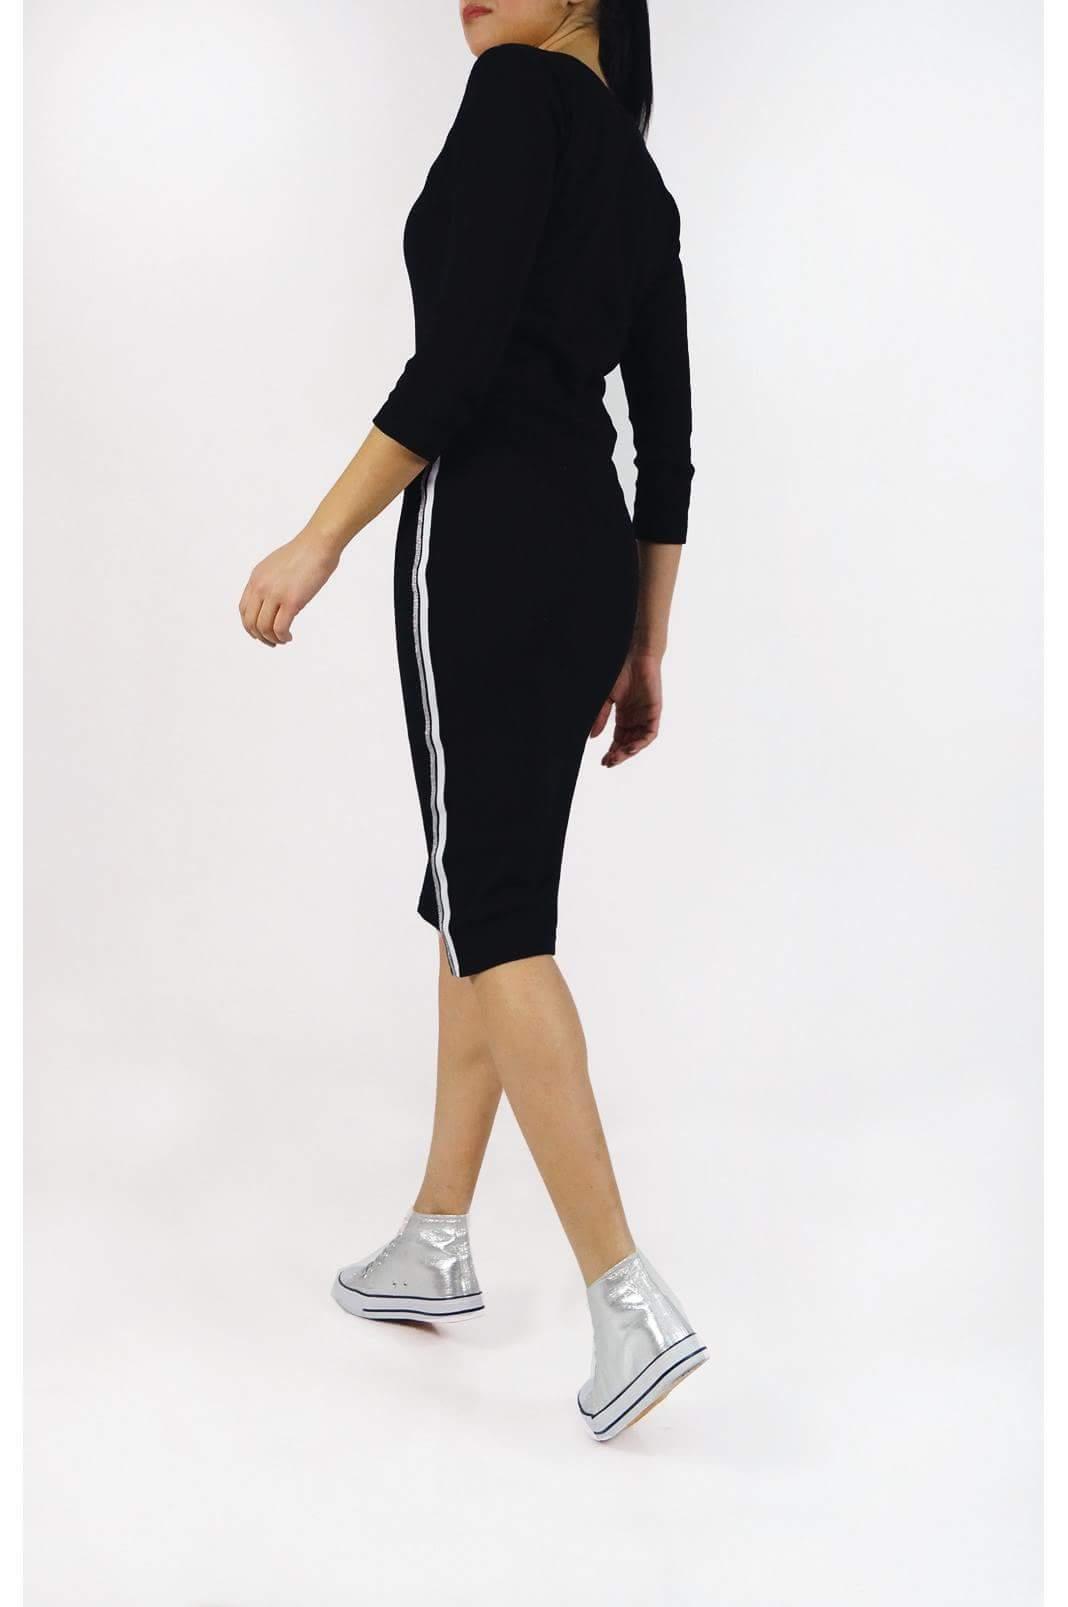 Midi φόρεμα μακρυμάνικο σε στενή γραμμή με ρίγα στο πλάι σε μαύρο χρώμα 19269a66d62